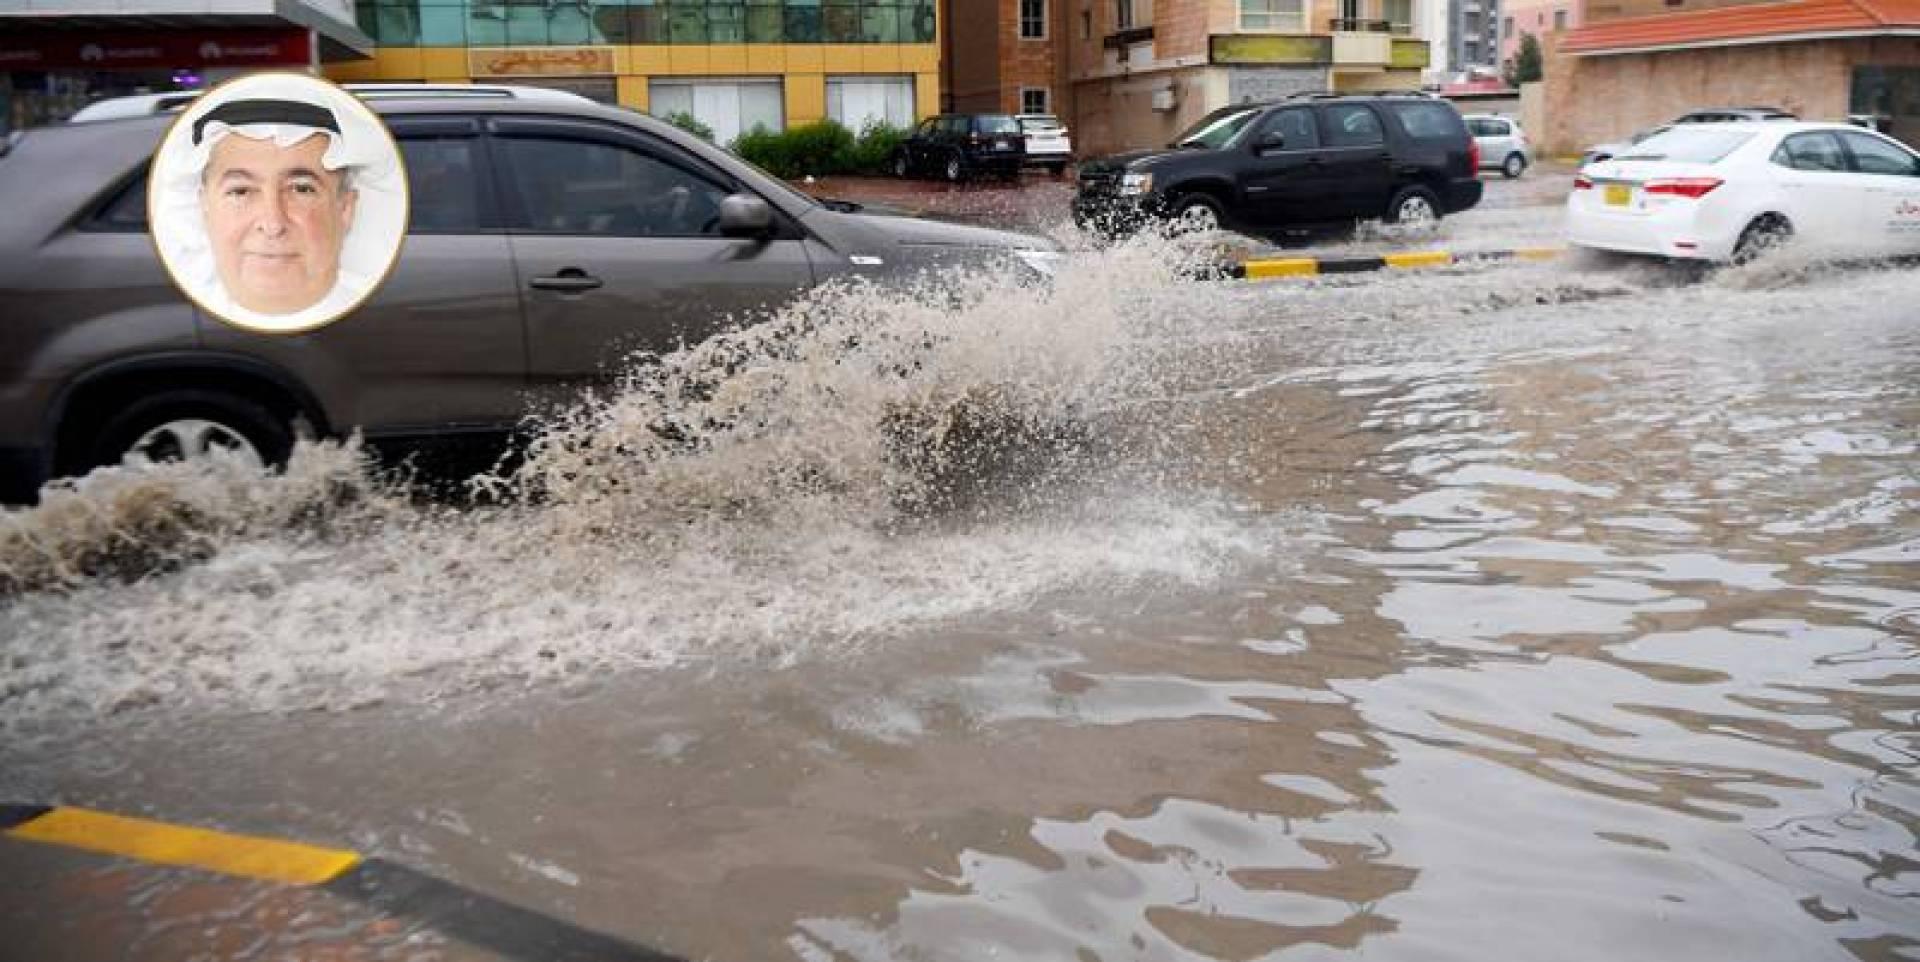 سيارة تشق بحيرة الأمطار في أحد الشوارع (تصوير: بسام زيدان)